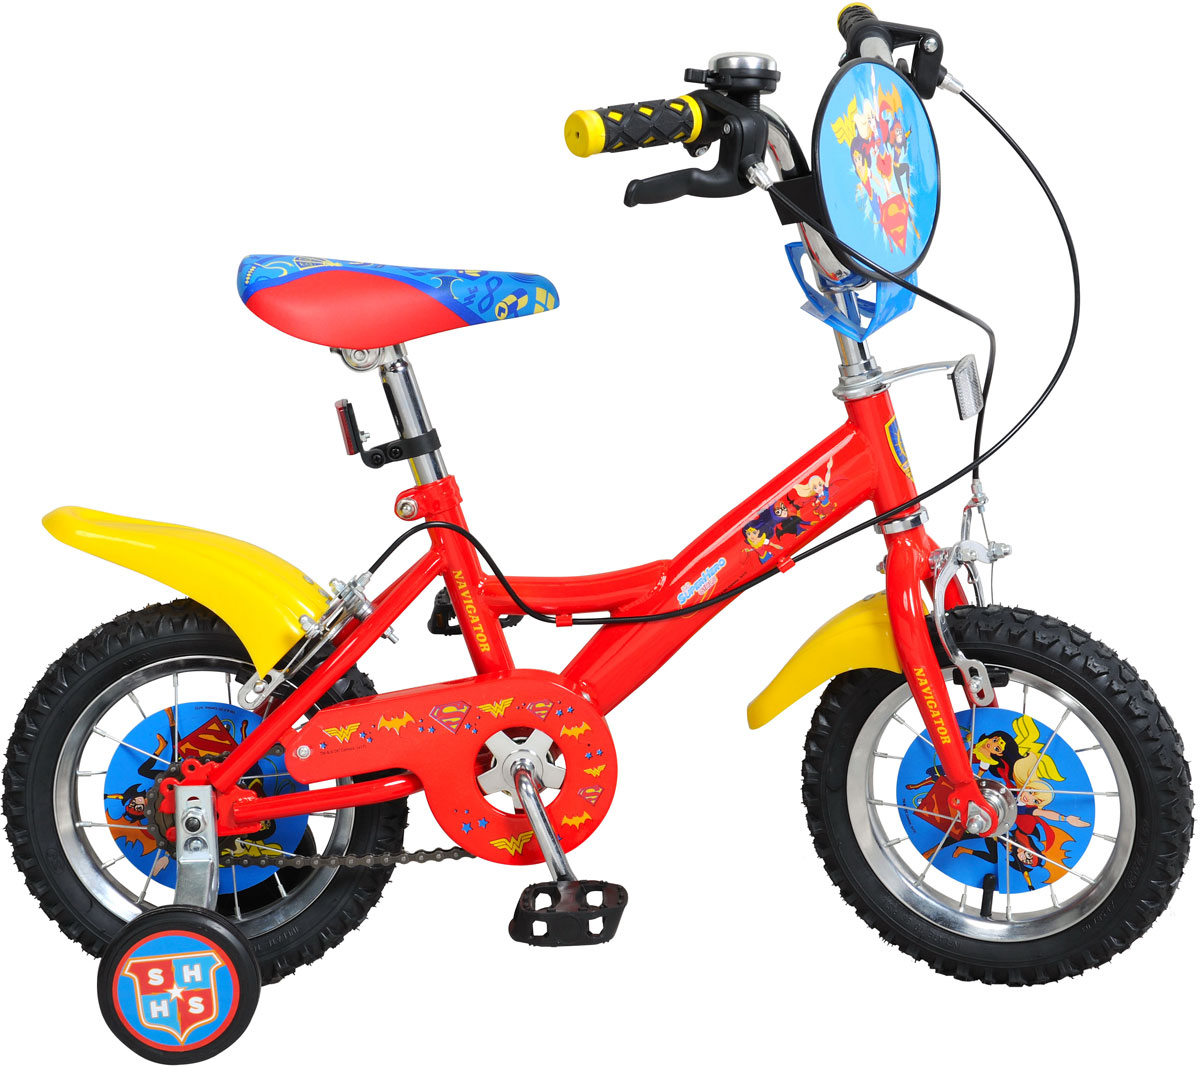 Велосипед детский Navigator Super Hero Girls, цвет: красный. ВН12099. ВН12099ВН12099Велосипед 12 дюймов Navigator(2017) Поезд Динозавров с персонажами из любимого мультфильмаОднокомпонентный кареточный узел Камеры из натуральной резины Стальные обода Покрышки 12 х 2,125 Задний ножной тормоз Вставки в колесах Широкие страховочные колеса Возраст от 3 до 5 лет